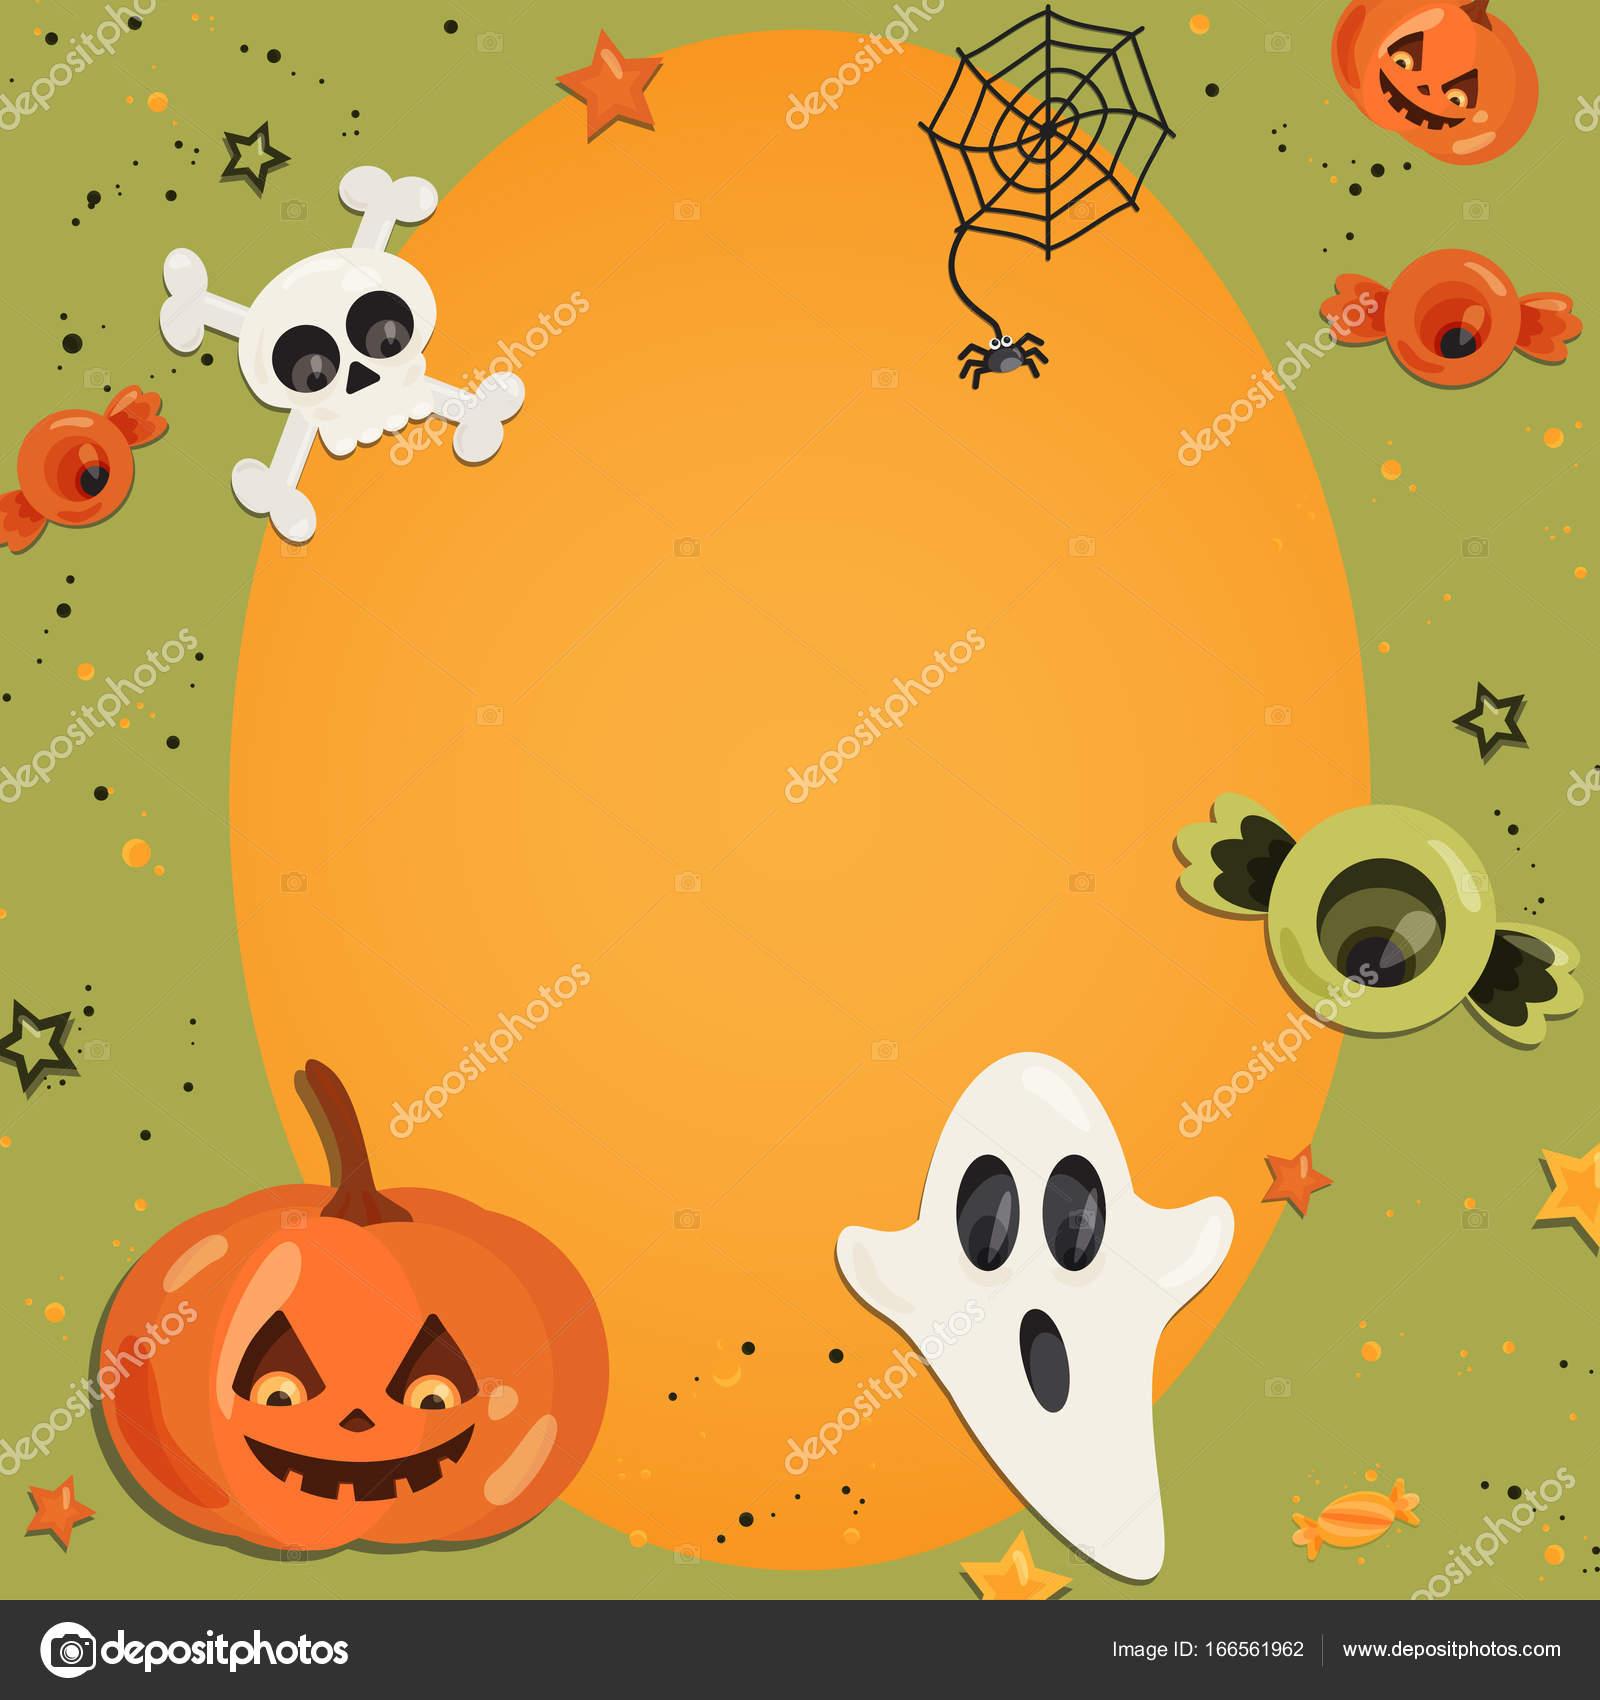 Halloween Cartoon Kunst im flachen Stil. Grünen Sie Hintergrund ...